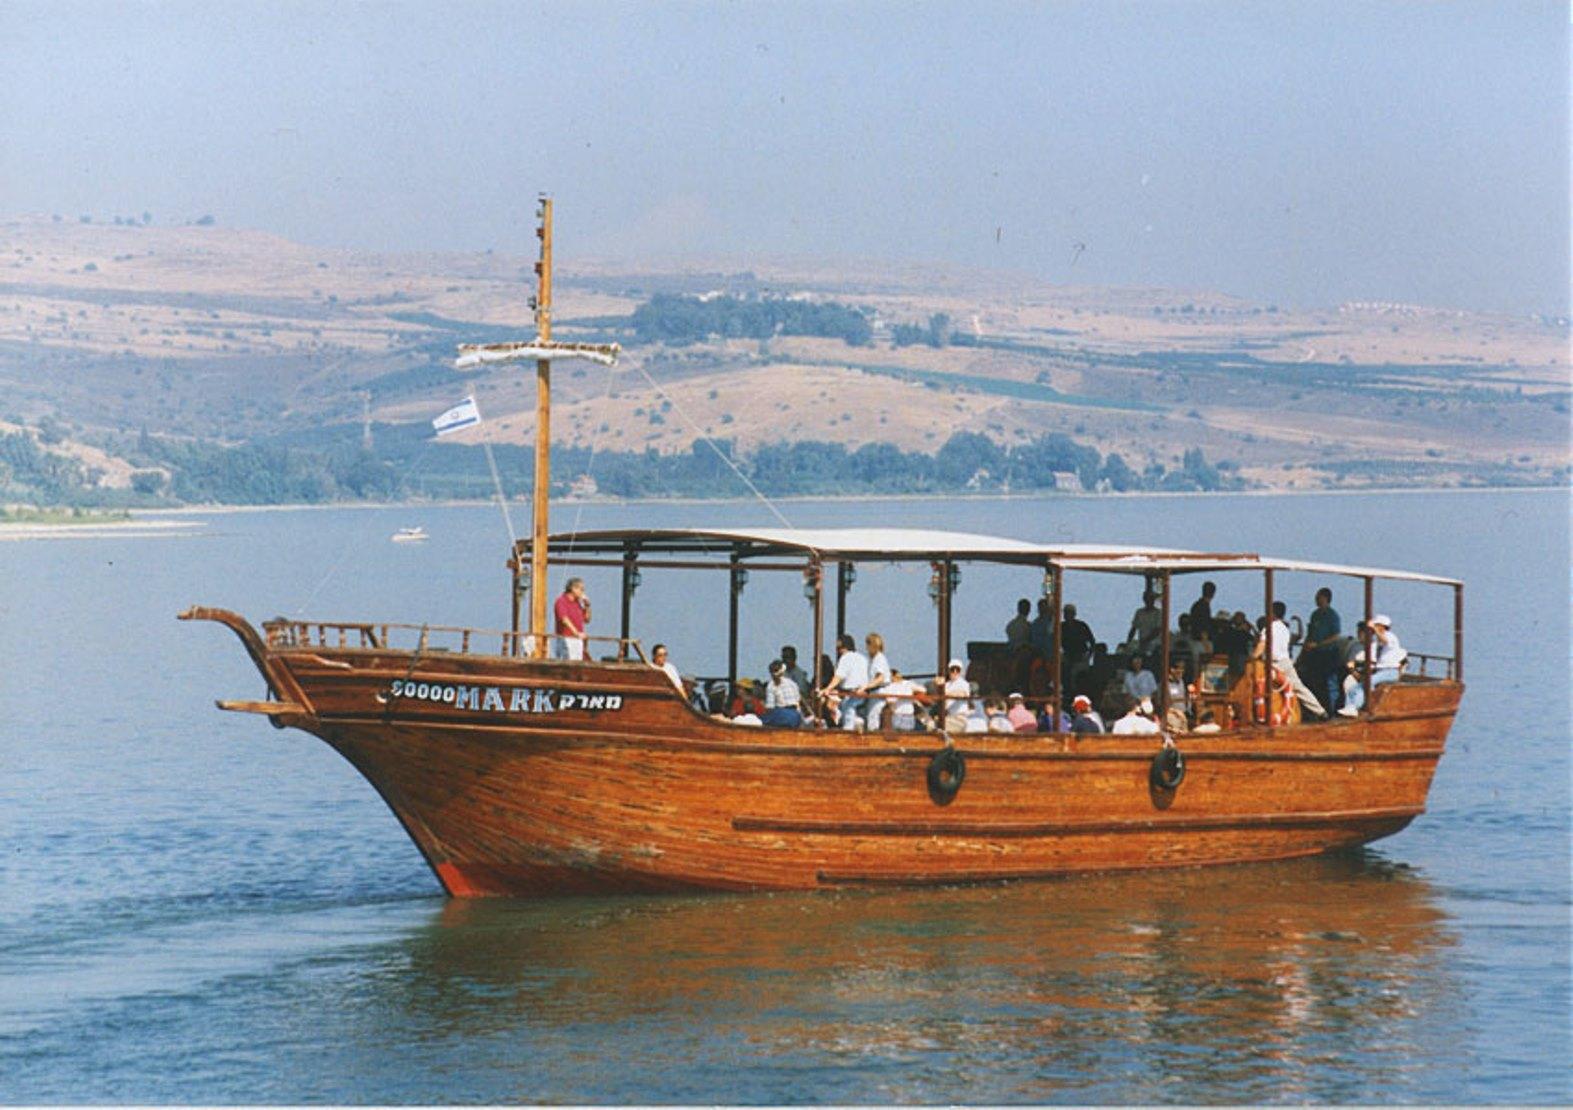 Photo courtesy of Holy Land Sailing.